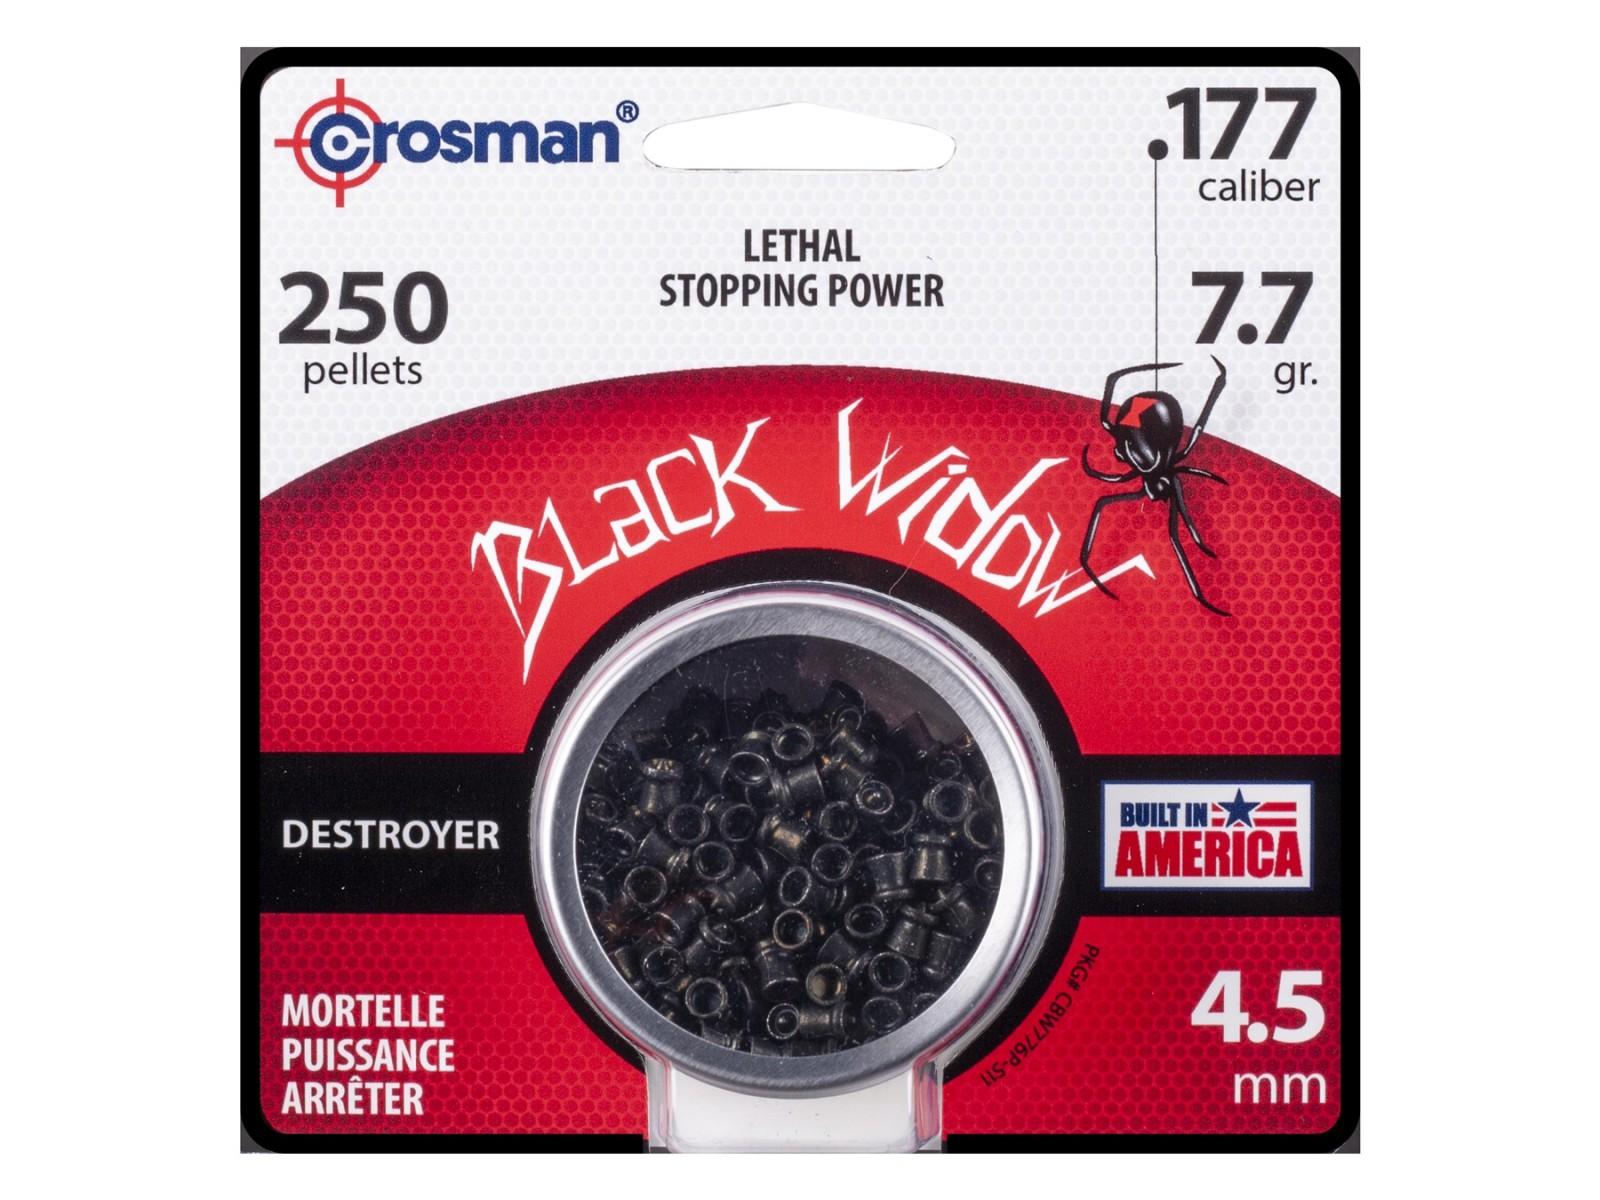 Crosman Black Widow.